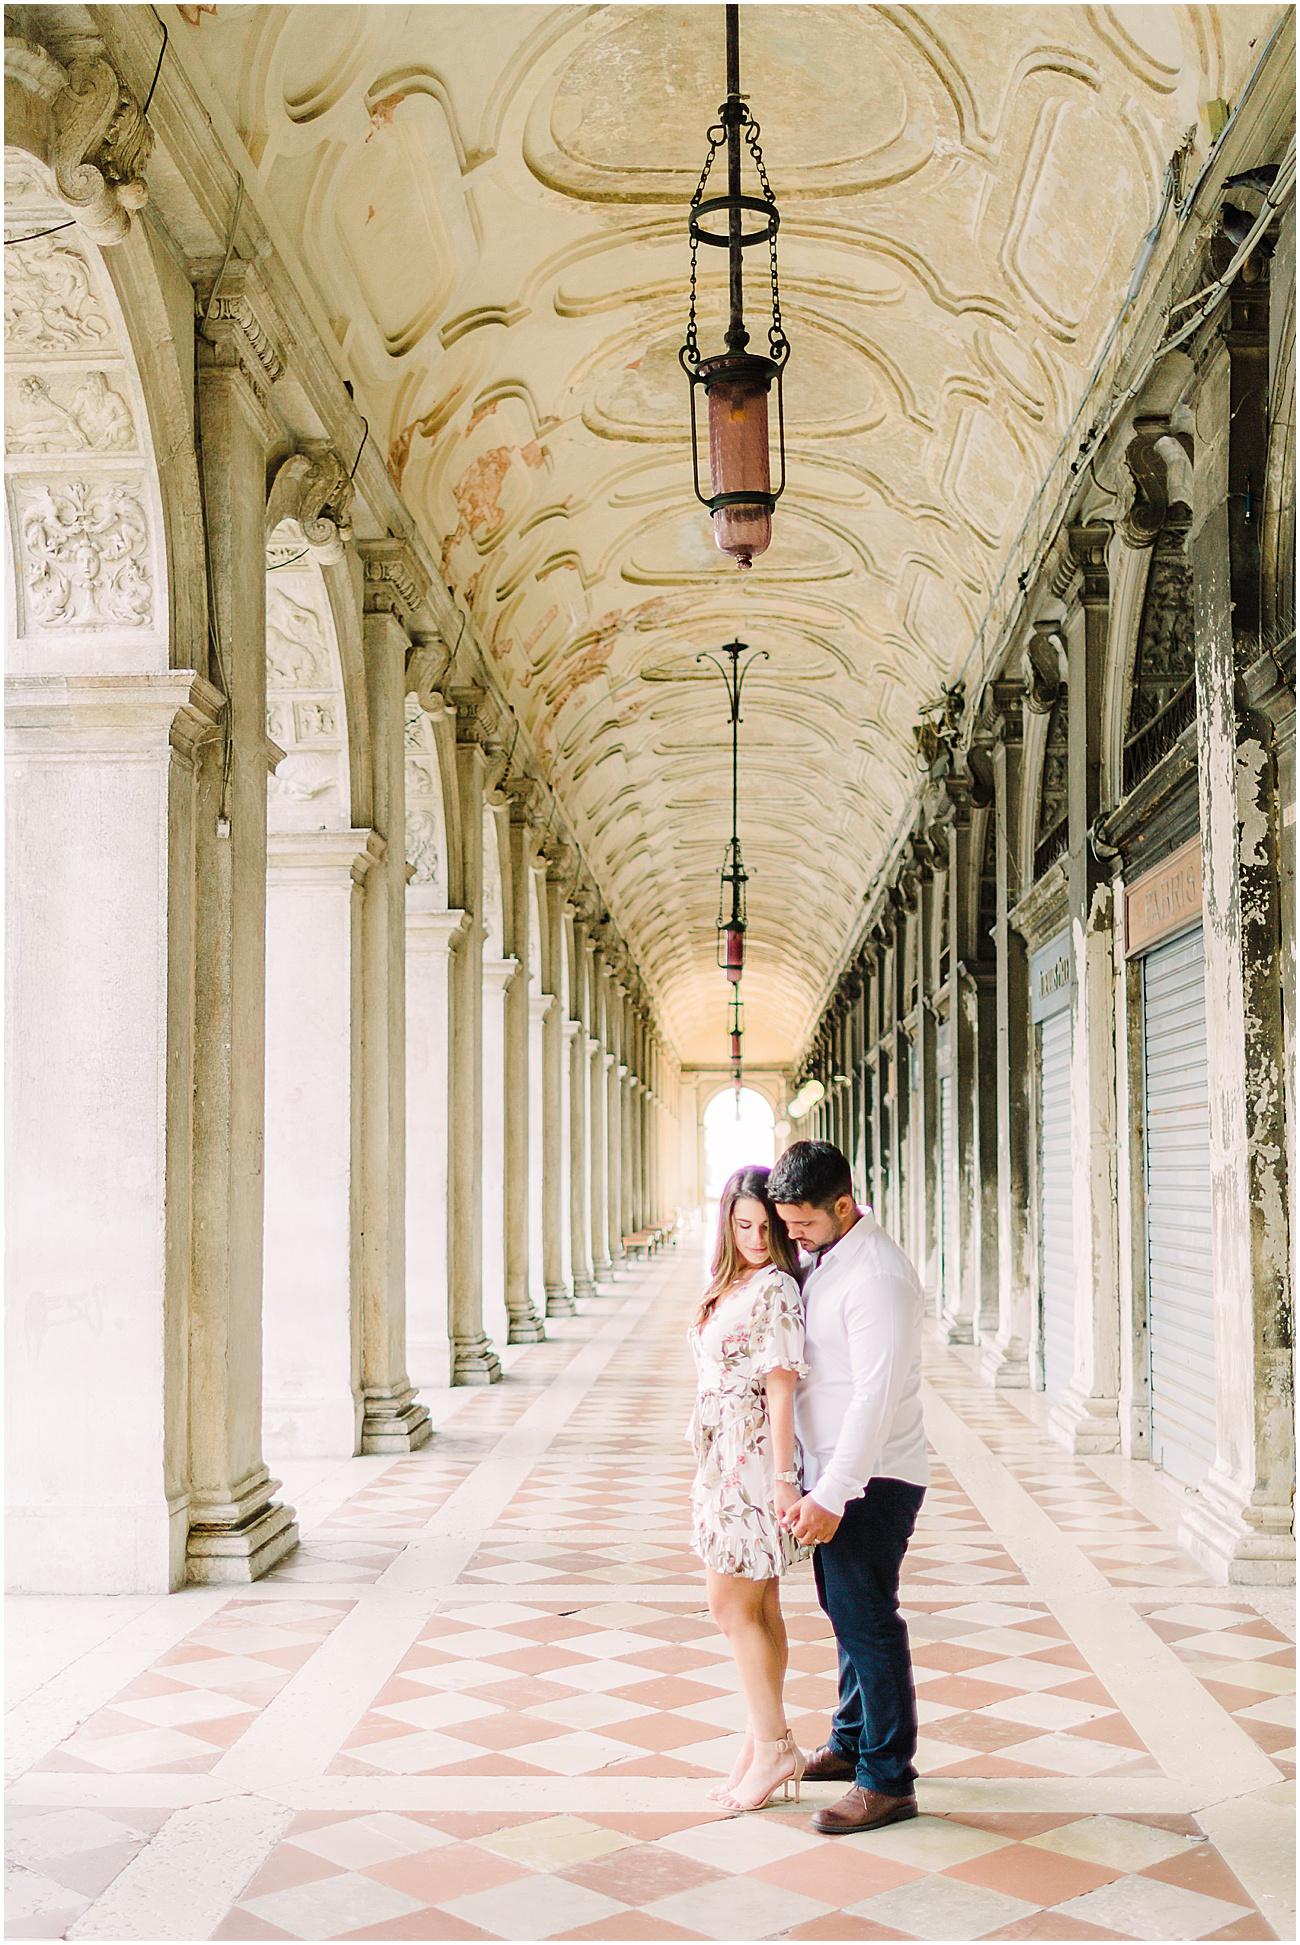 couple-lifestyle-photoshoot-in-venice-gondola-sunrise-stefano-degirmenci_0161.jpg